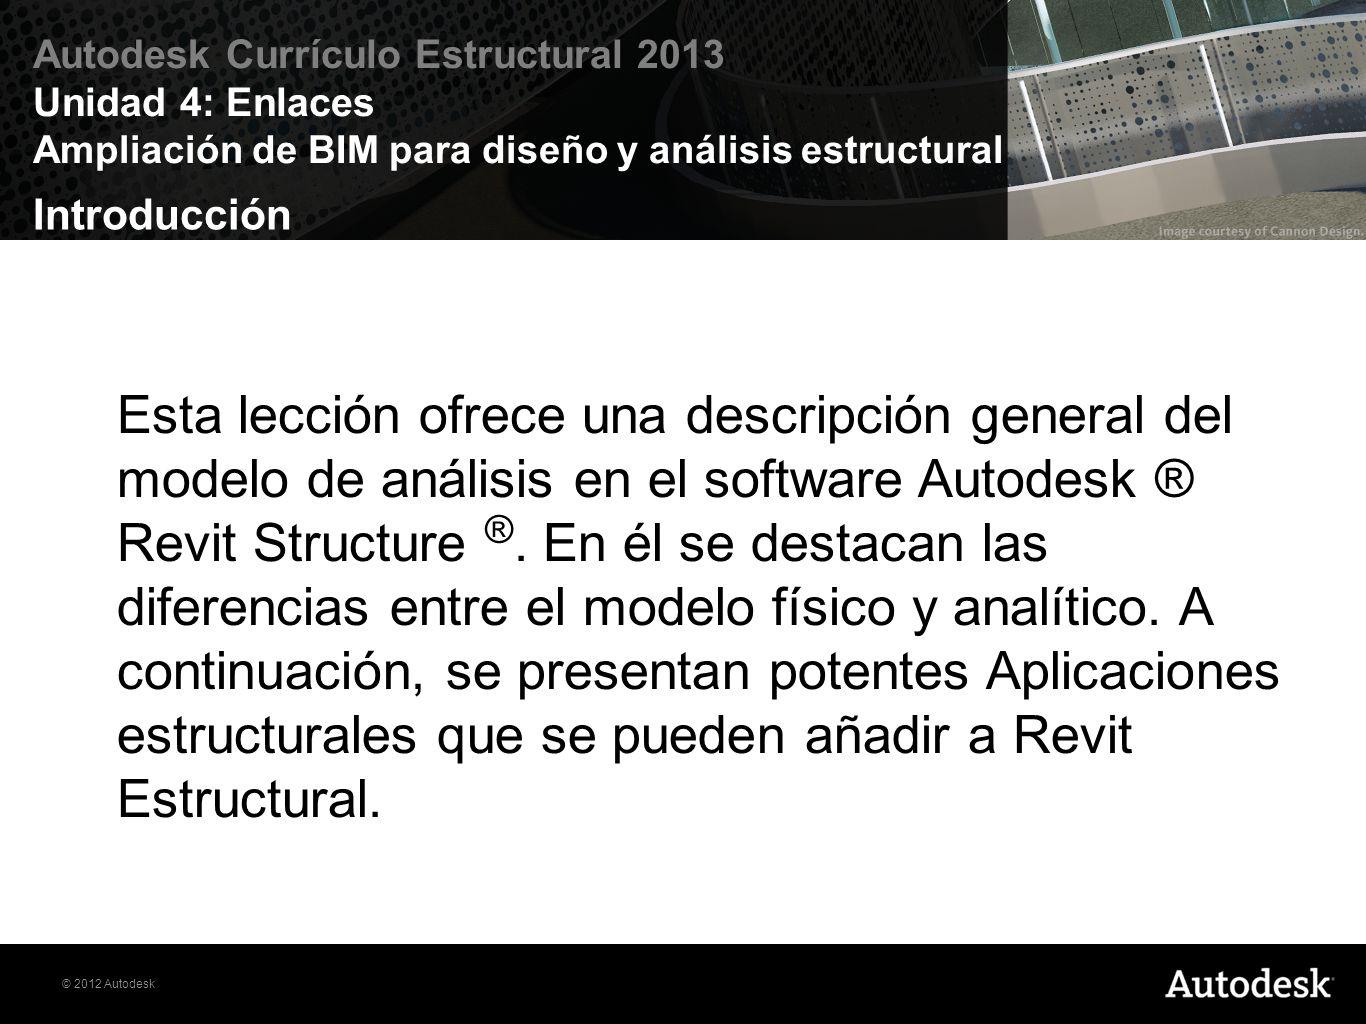 © 2012 Autodesk Autodesk Currículo Estructural 2013 Unidad 4: Enlaces Ampliación de BIM para diseño y análisis estructural Objetivos Definir el modelo de la estructura analítica de Revit.